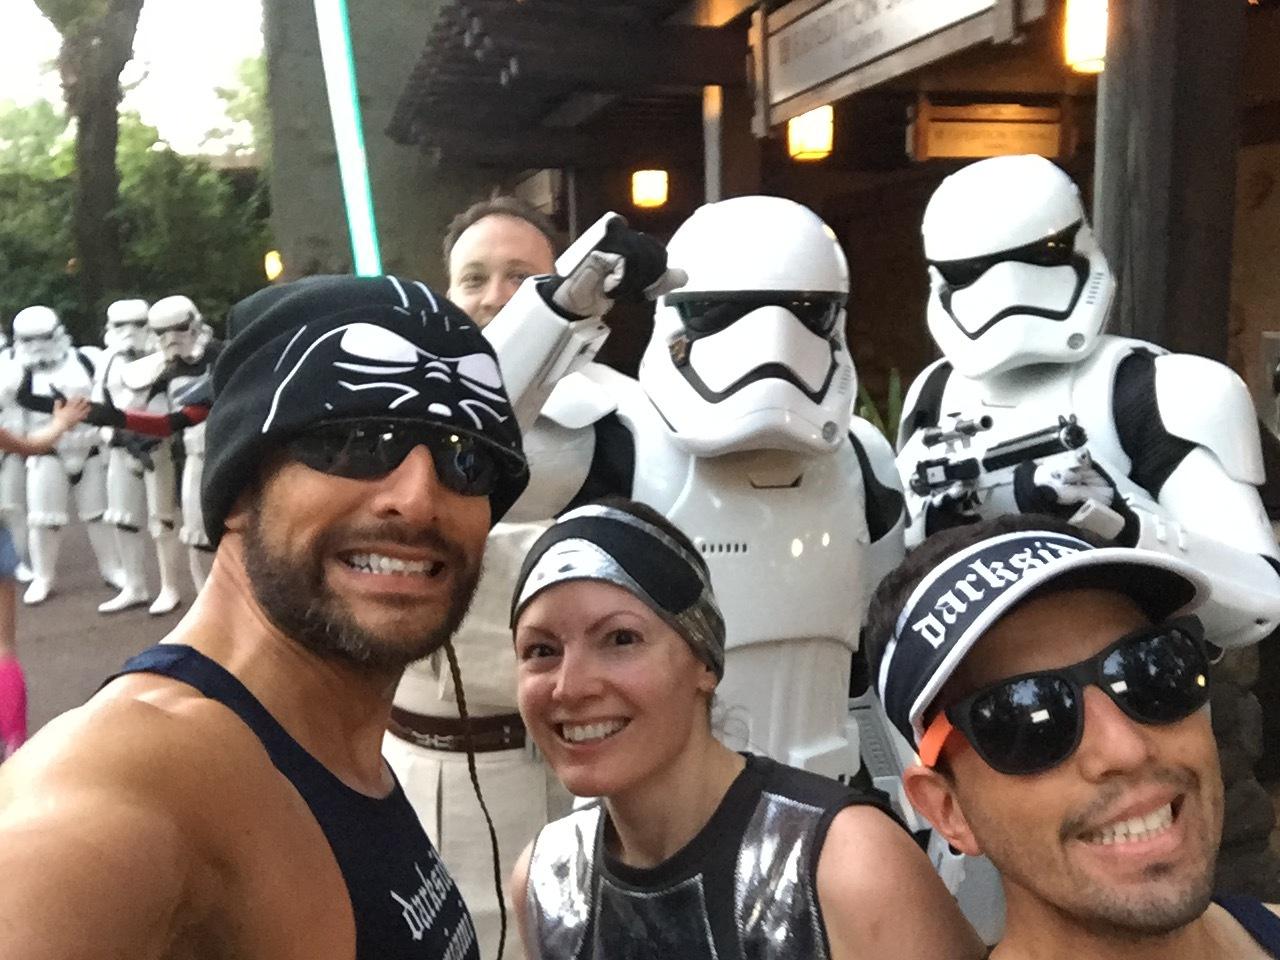 Best weekend ever at the Star Wars Half Marathon - The DARKSIDE